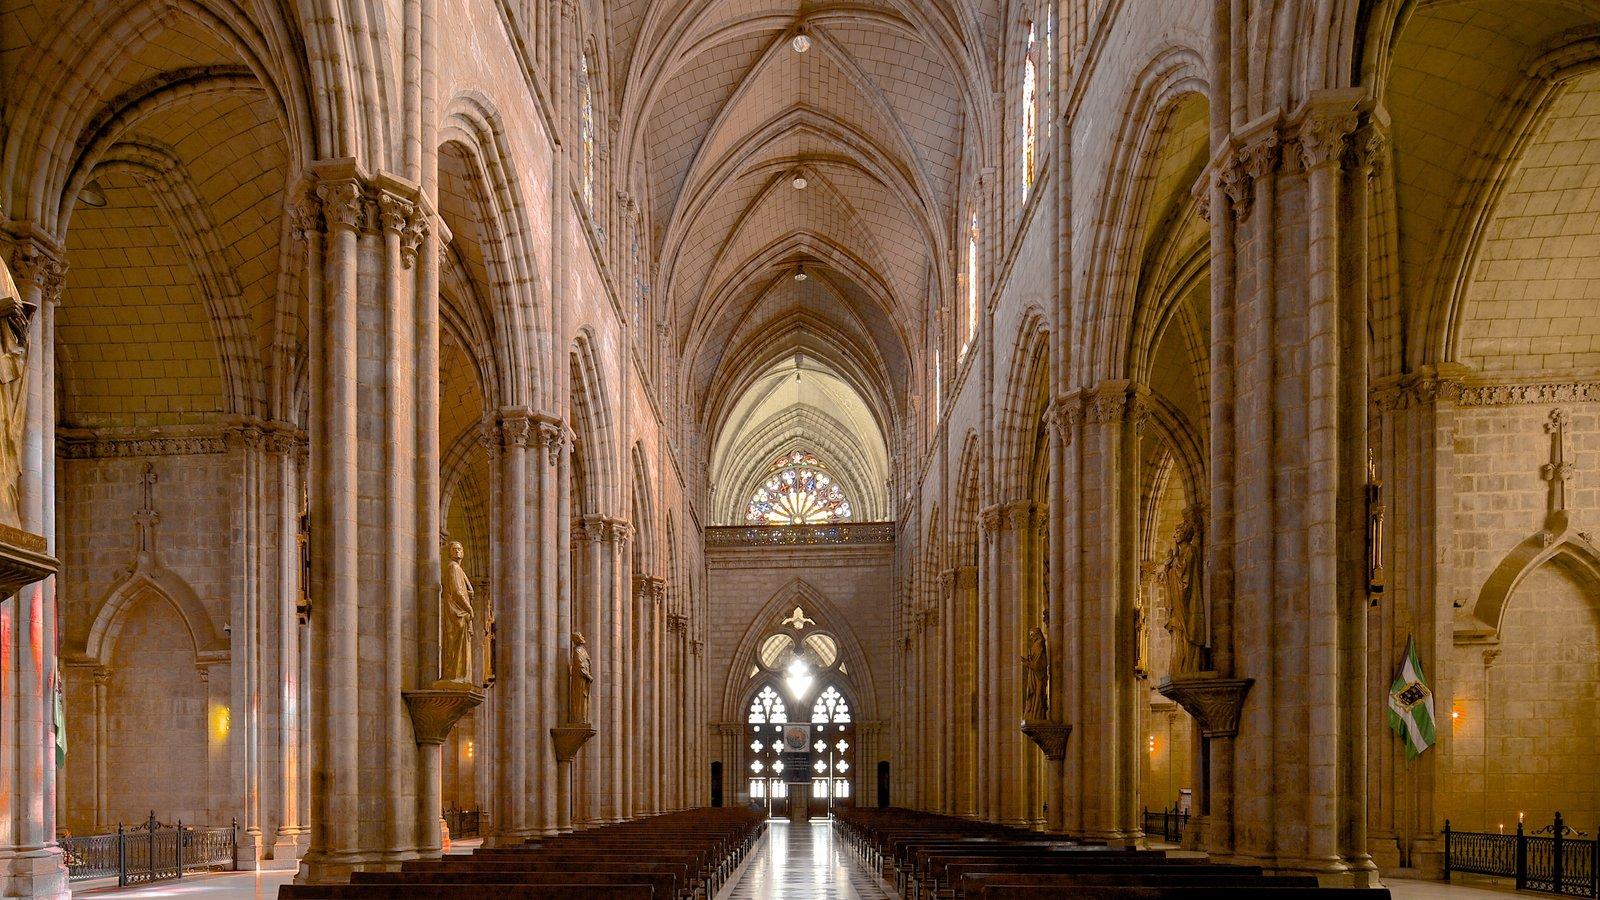 Basílica do Voto Nacional que inclui vistas internas, uma igreja ou catedral e aspectos religiosos